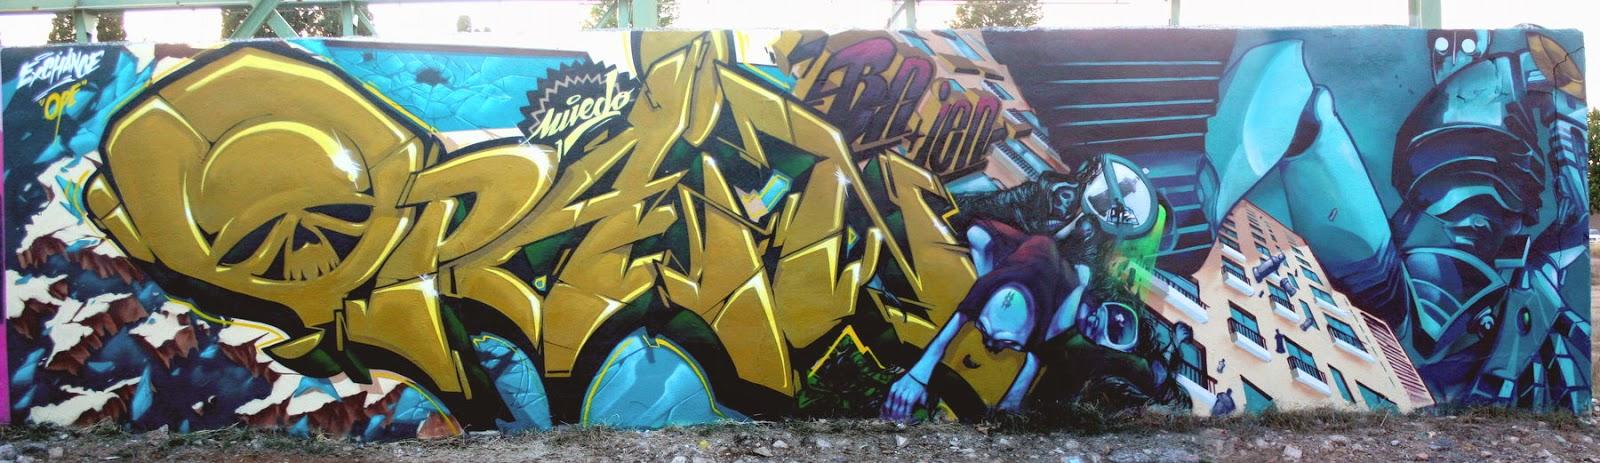 Miedo12 03